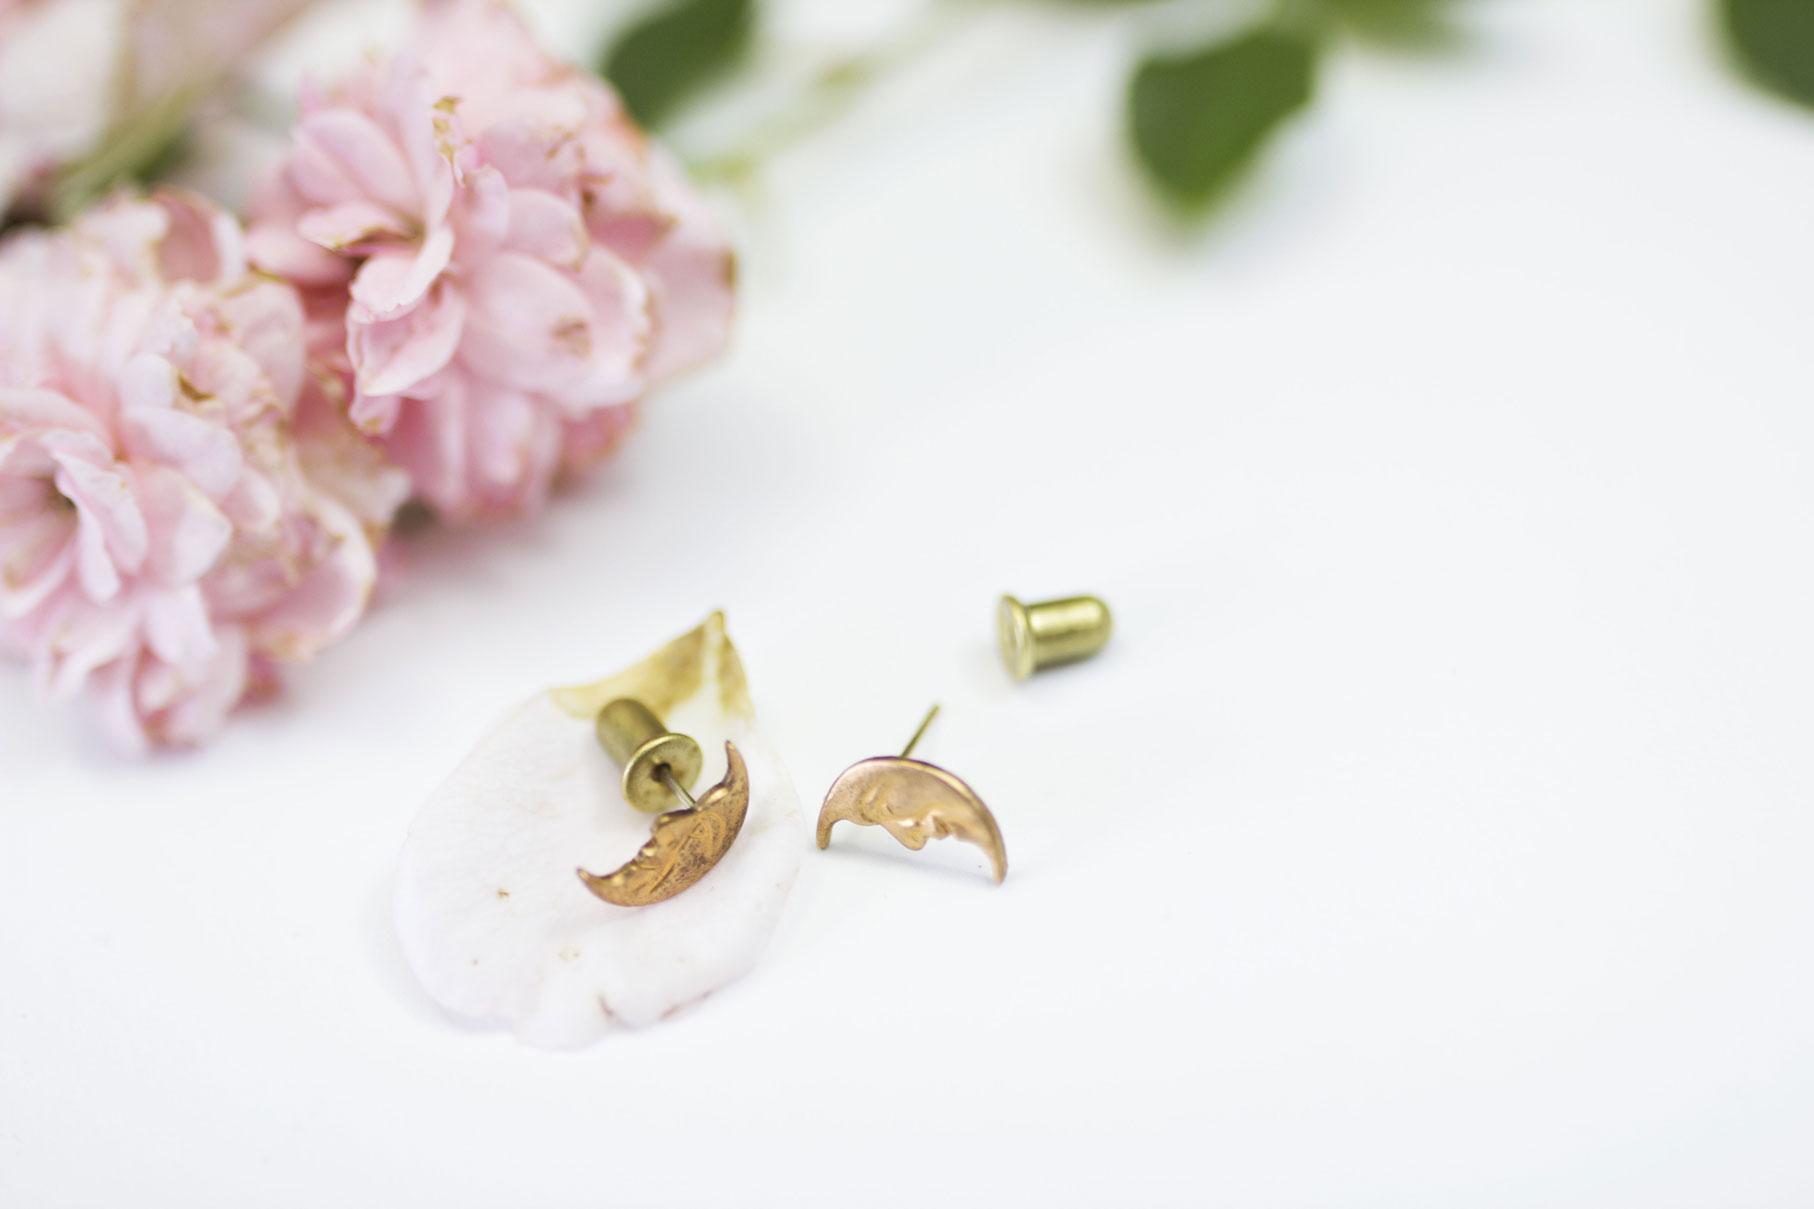 boucles d'oreille lune madamlili sur fond blanc et roses